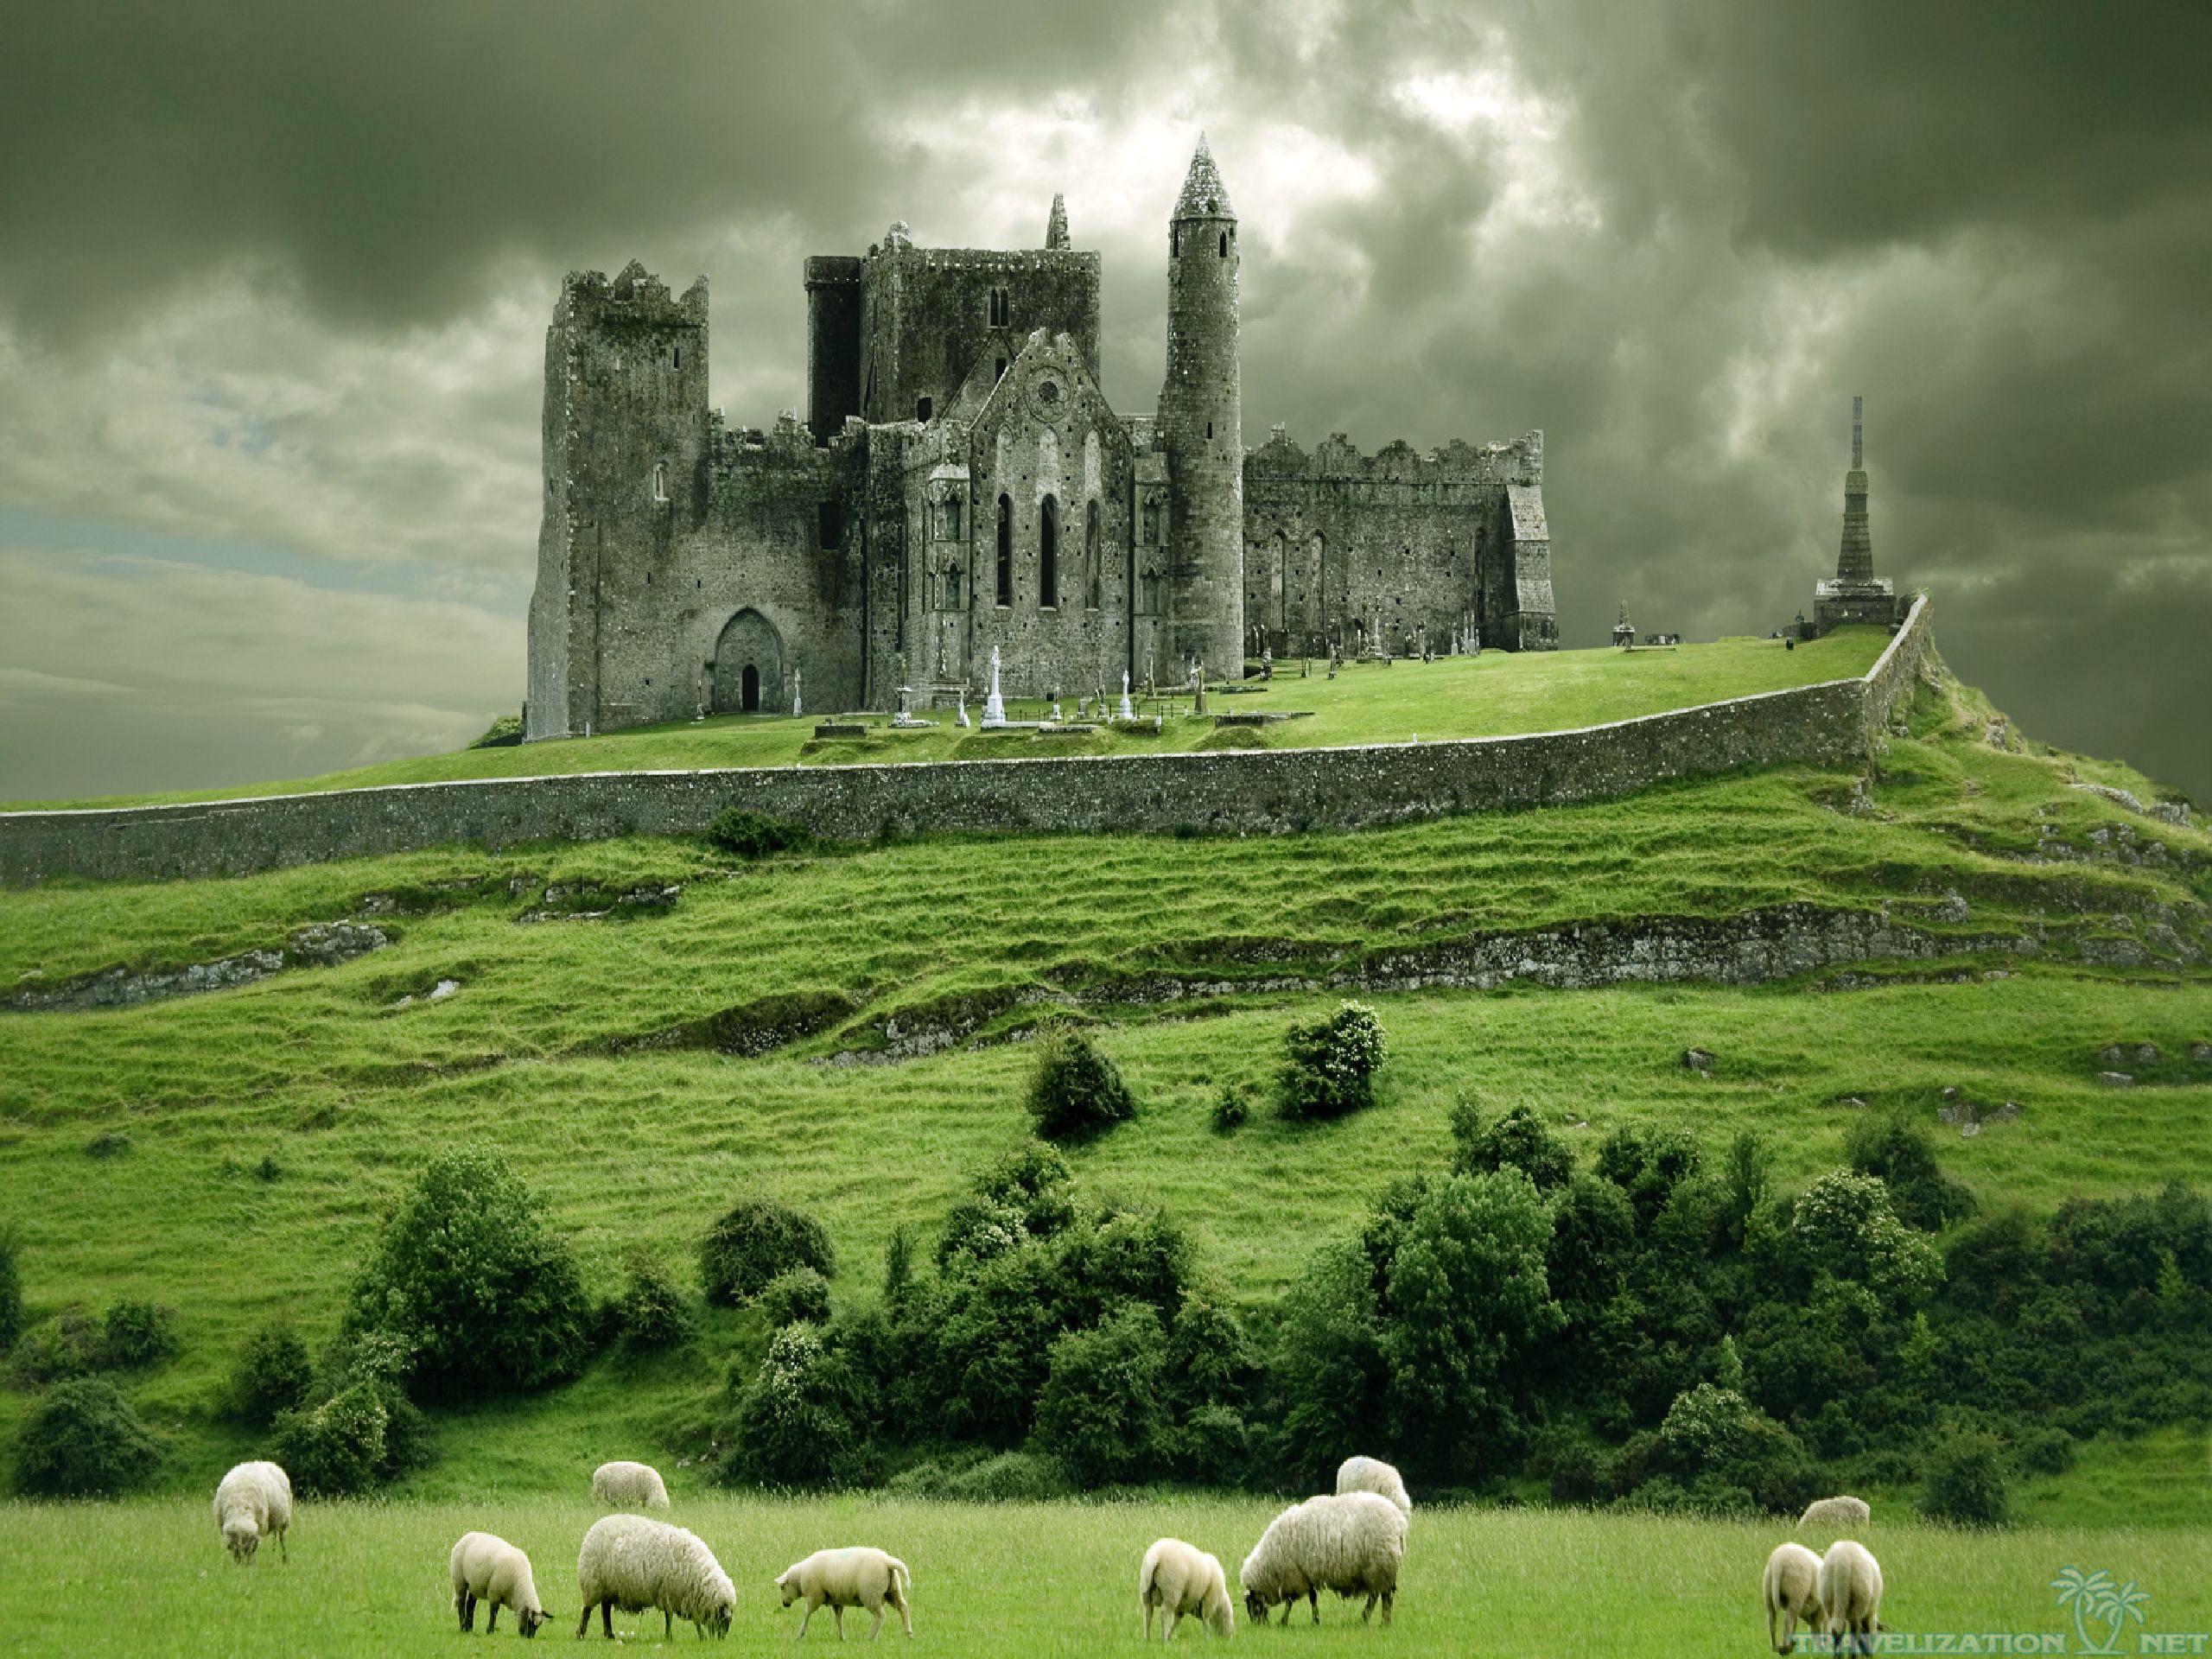 Ireland Landscape Photos Widescreen 2 HD Wallpapers